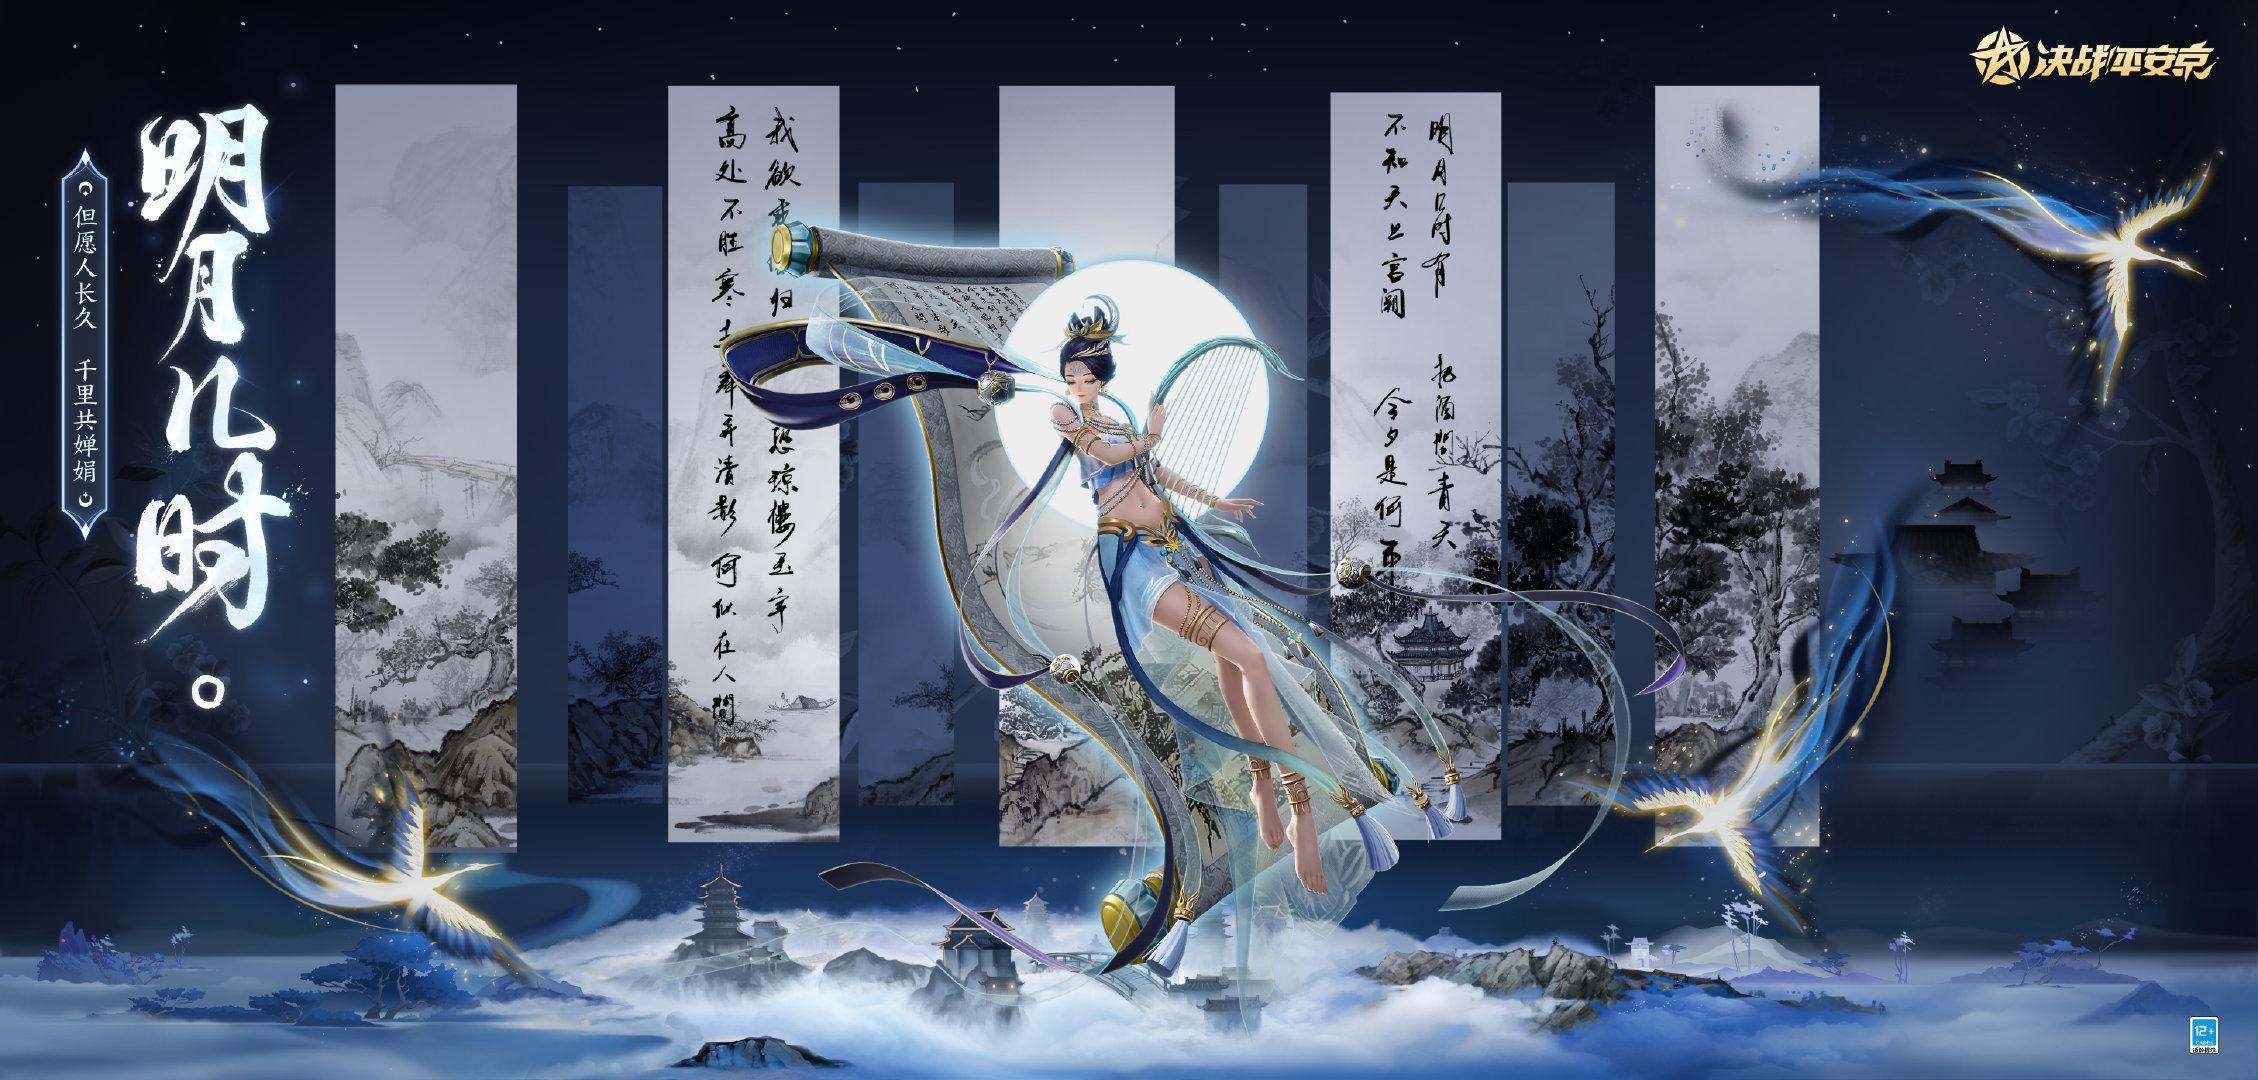 明月几时 《决战!平安京》X赖美云推出花鸟卷皮肤同名主题曲